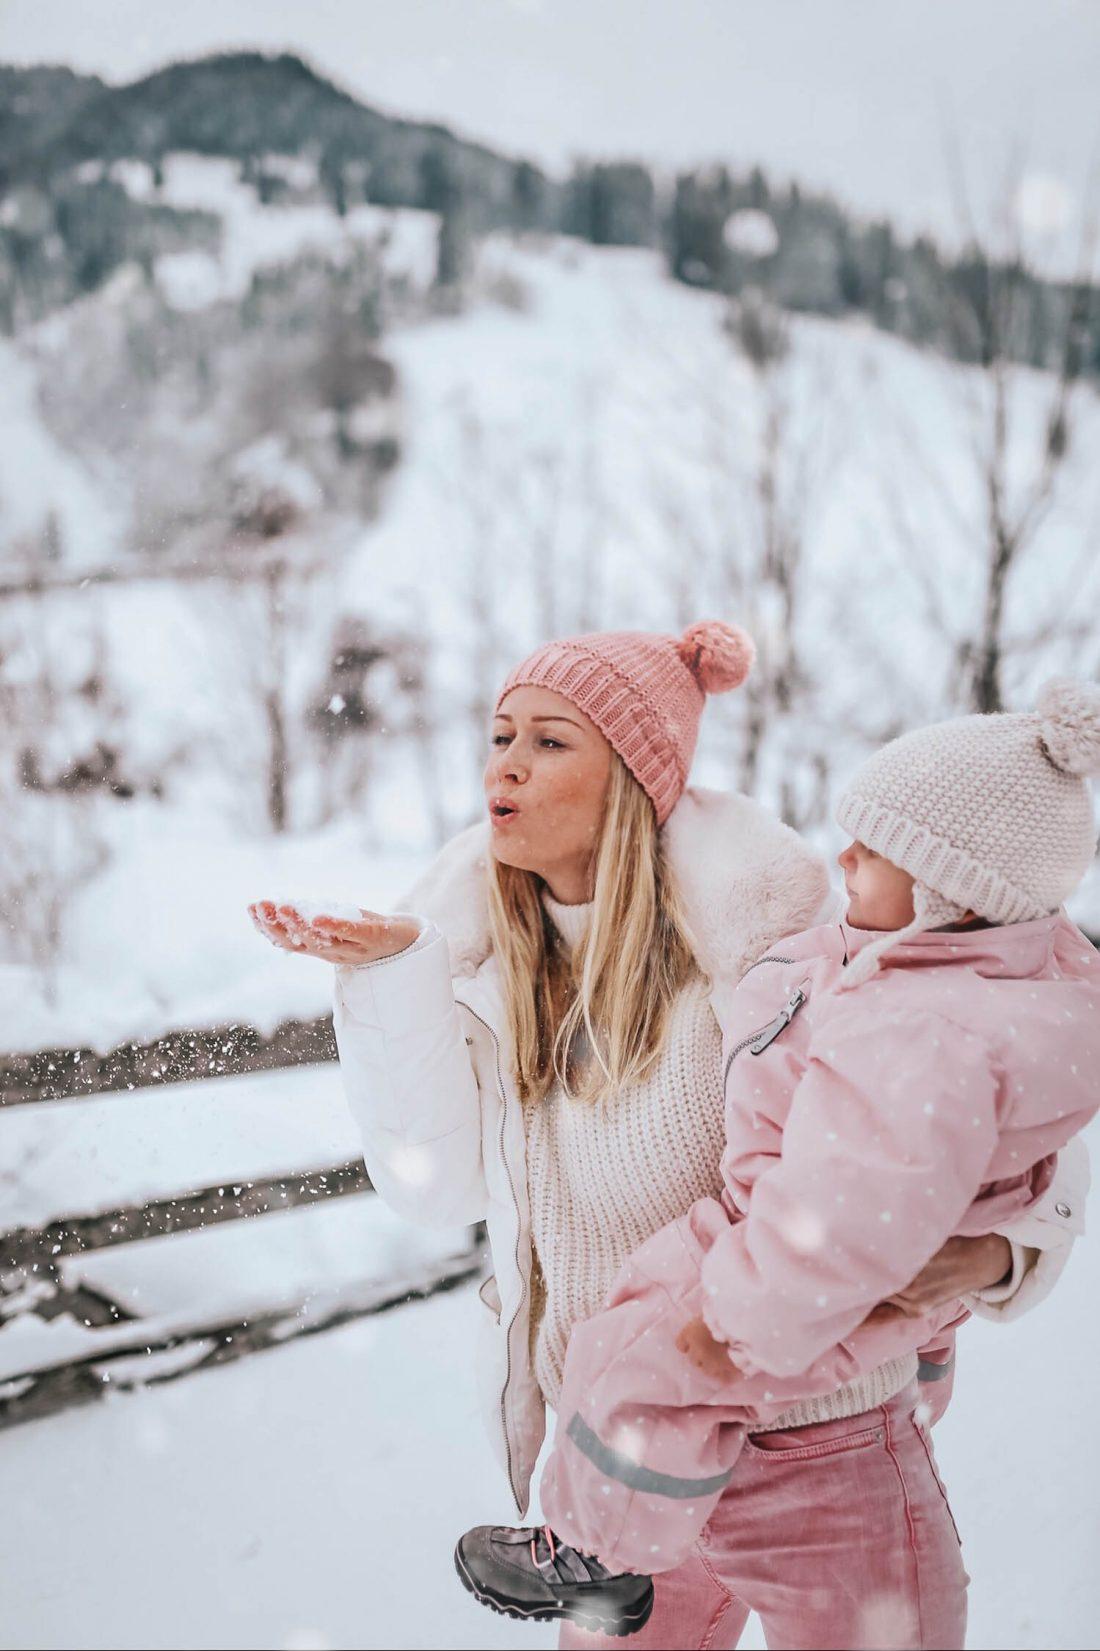 stylingliebe-lifestyleblogger-mamablog-familienblog-muenchen-lifestyleblog-blogger-deutschland-mamablogger-fashionblogger-familienblog-meine-innere-gefuehlswelt-3-1100x1651